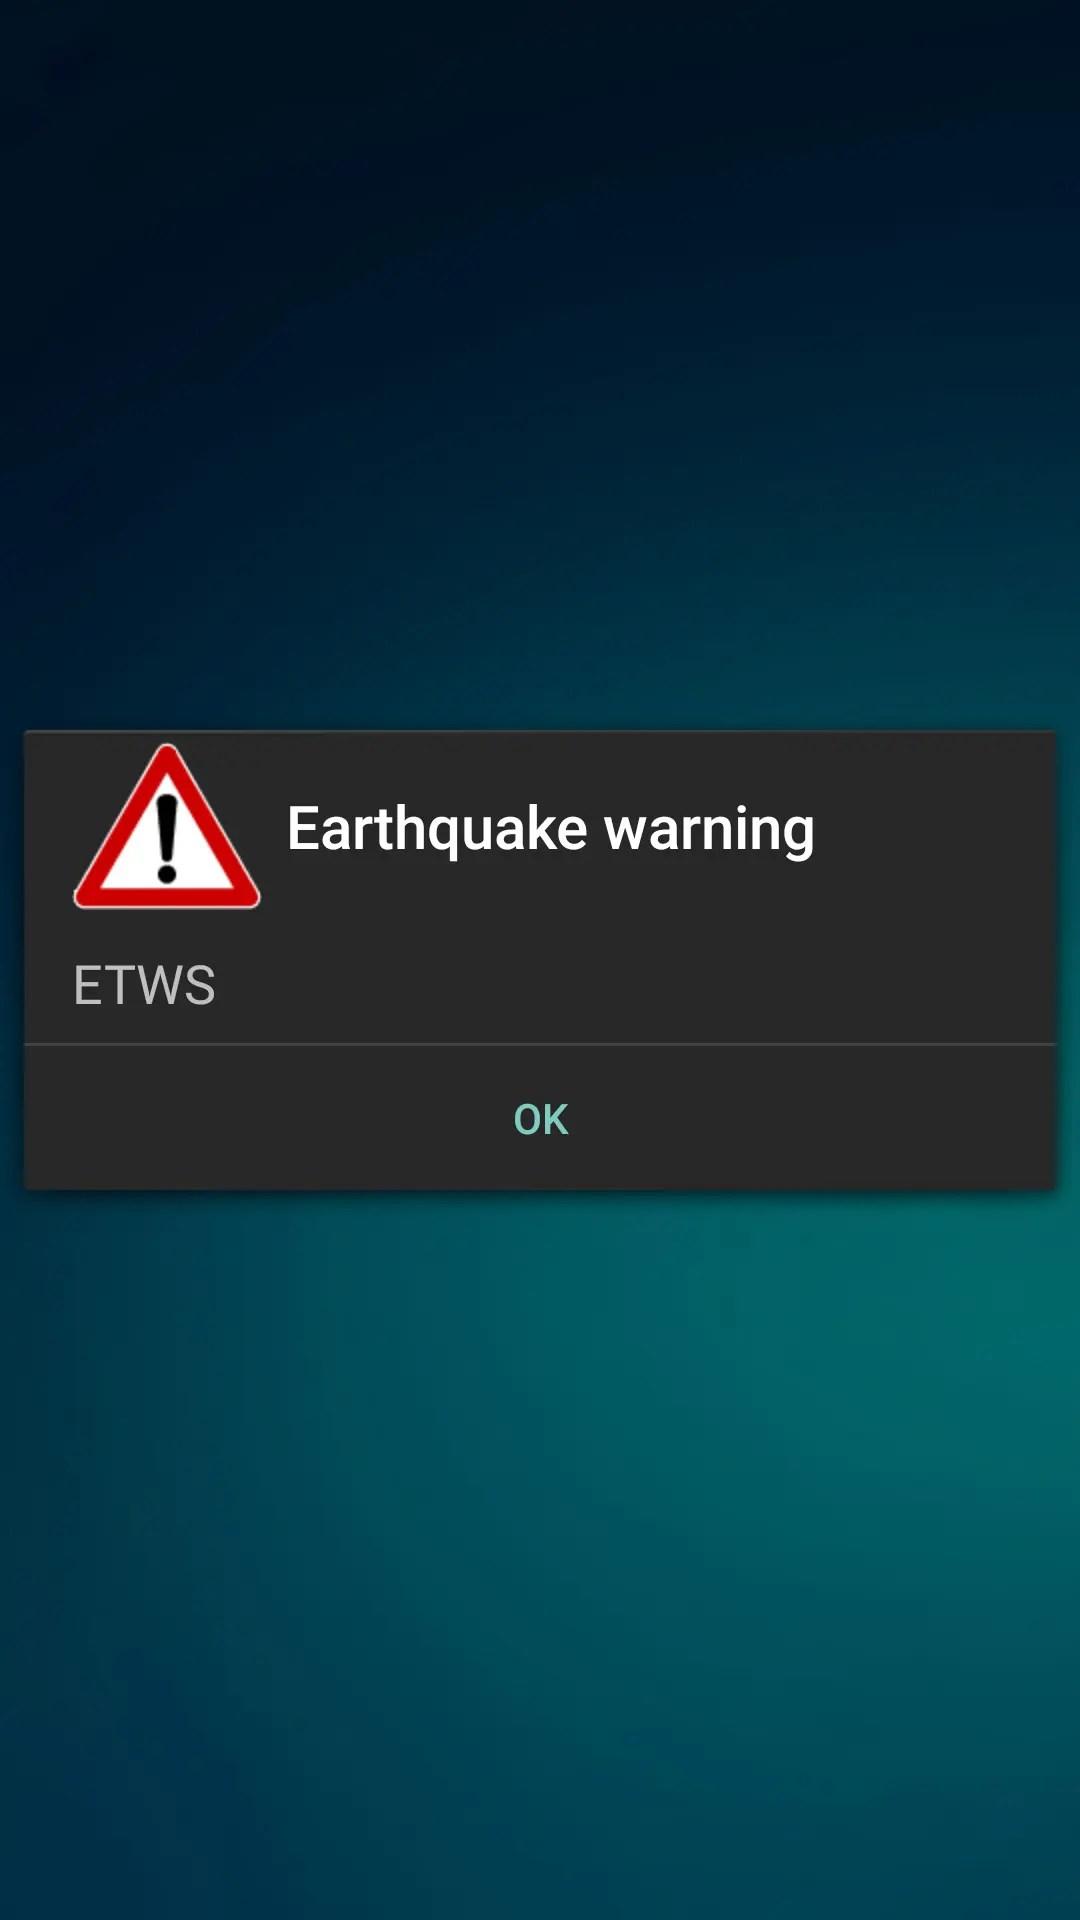 【衝撃に備えよ】スマホXiaomi Mi5に九州 熊本地震でETWSが来た